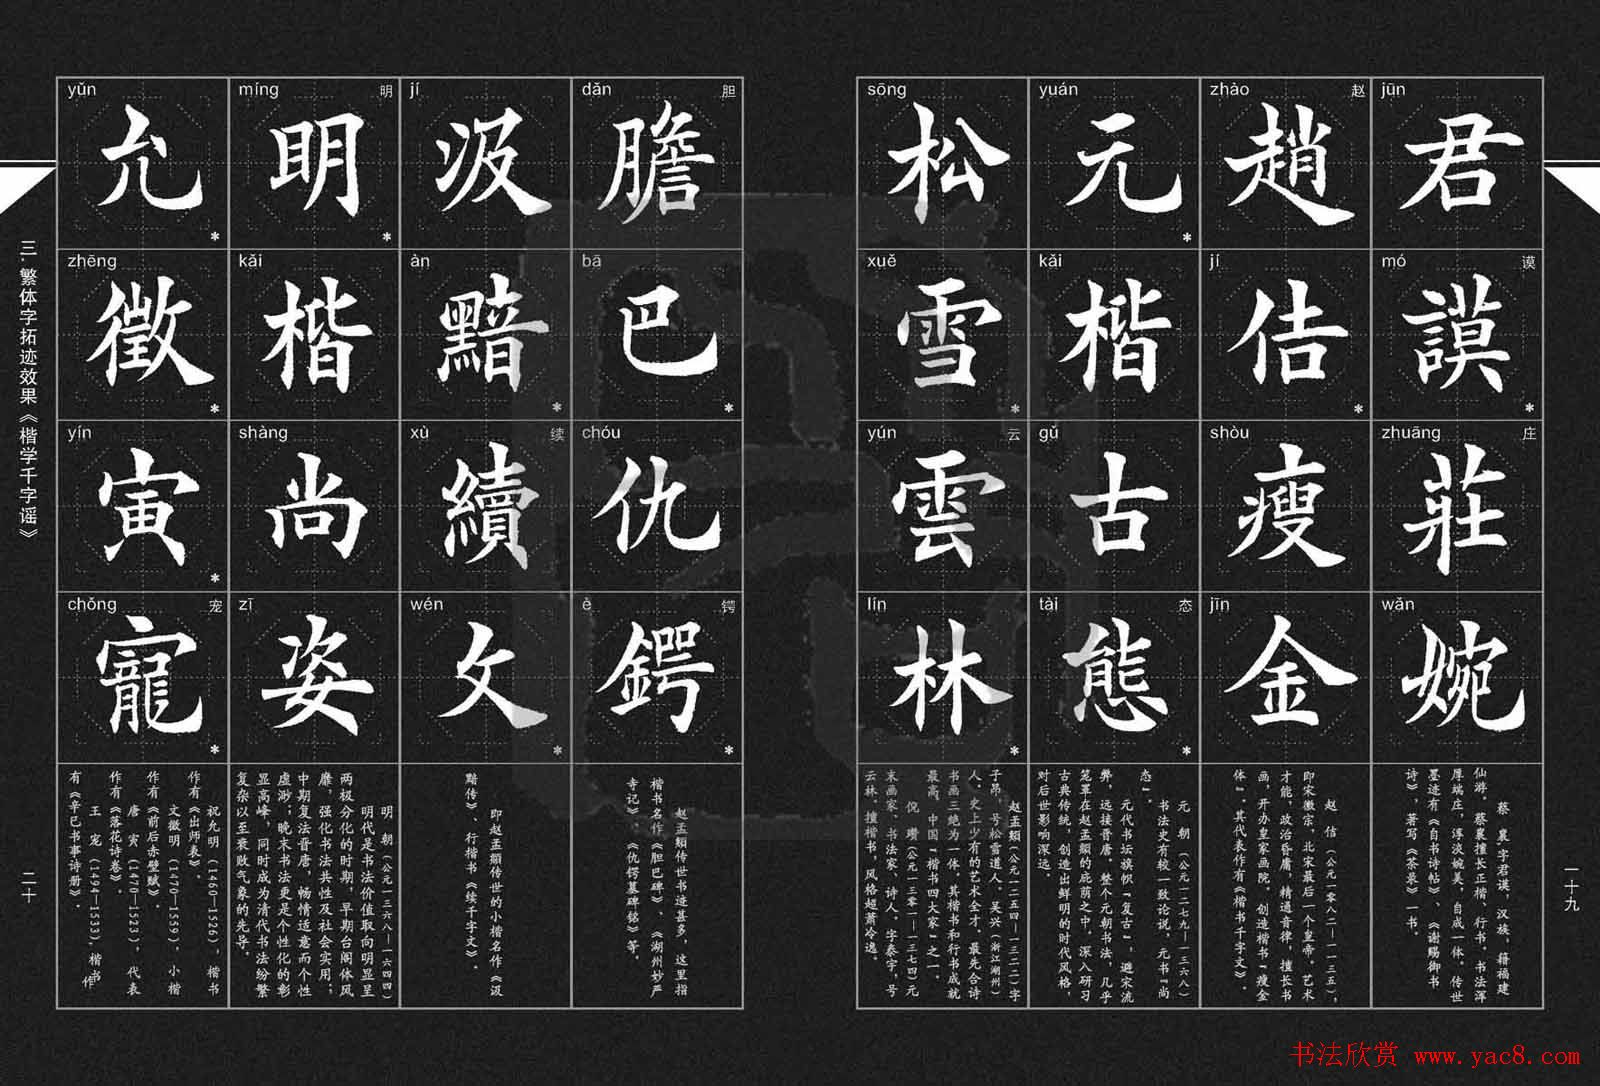 徐晓川书法字帖欣赏 楷学千字谣 第5页 楷书字帖 书法欣赏图片